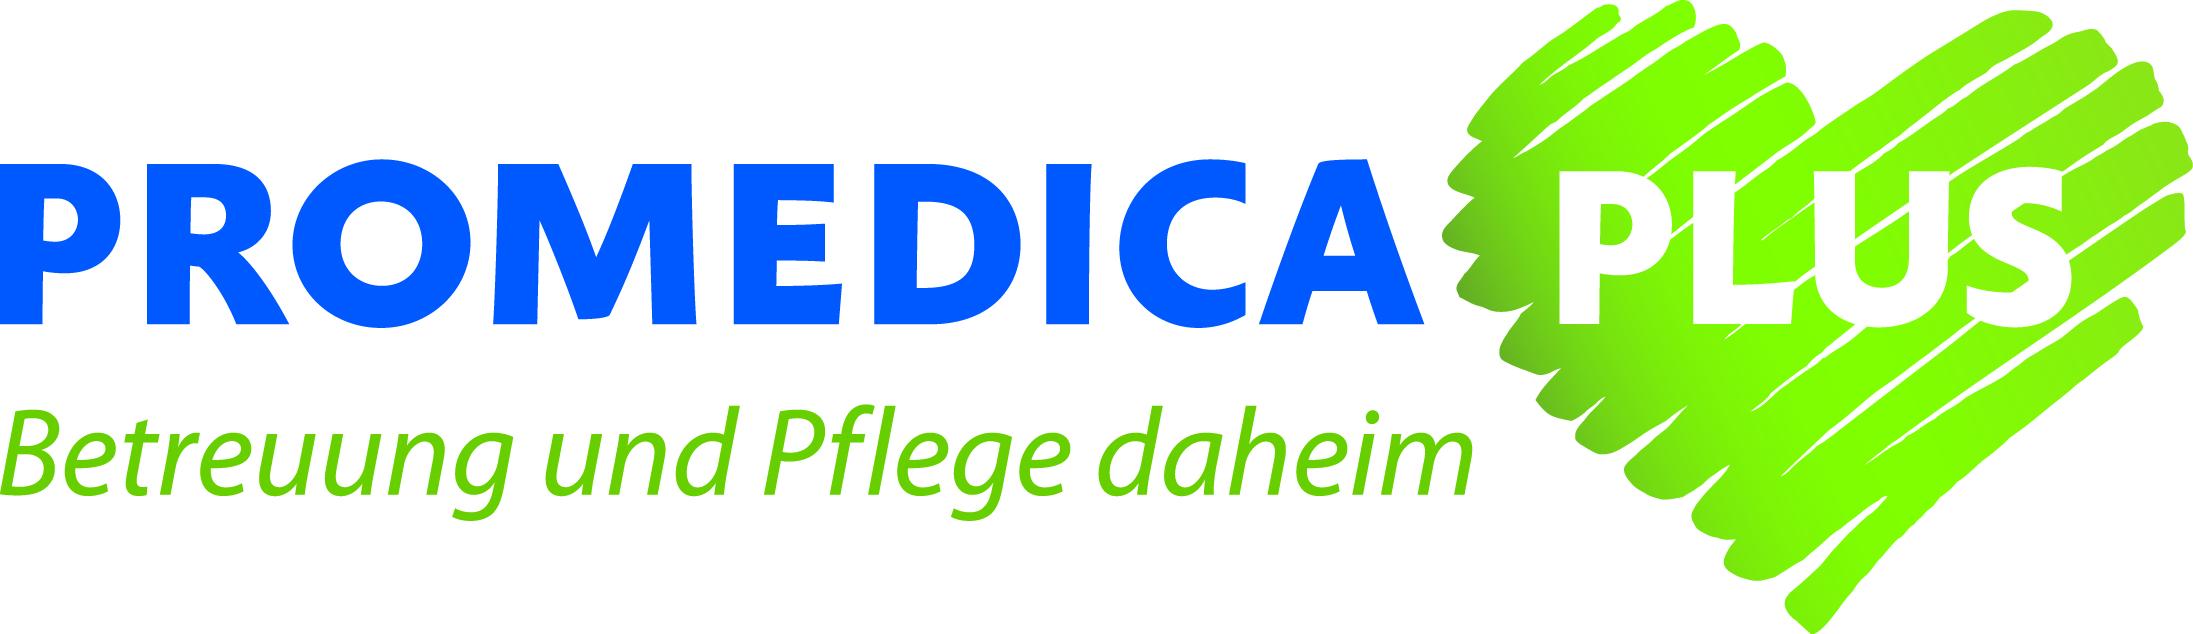 PROMEDICA-PLUS_Logo_4c.jpg